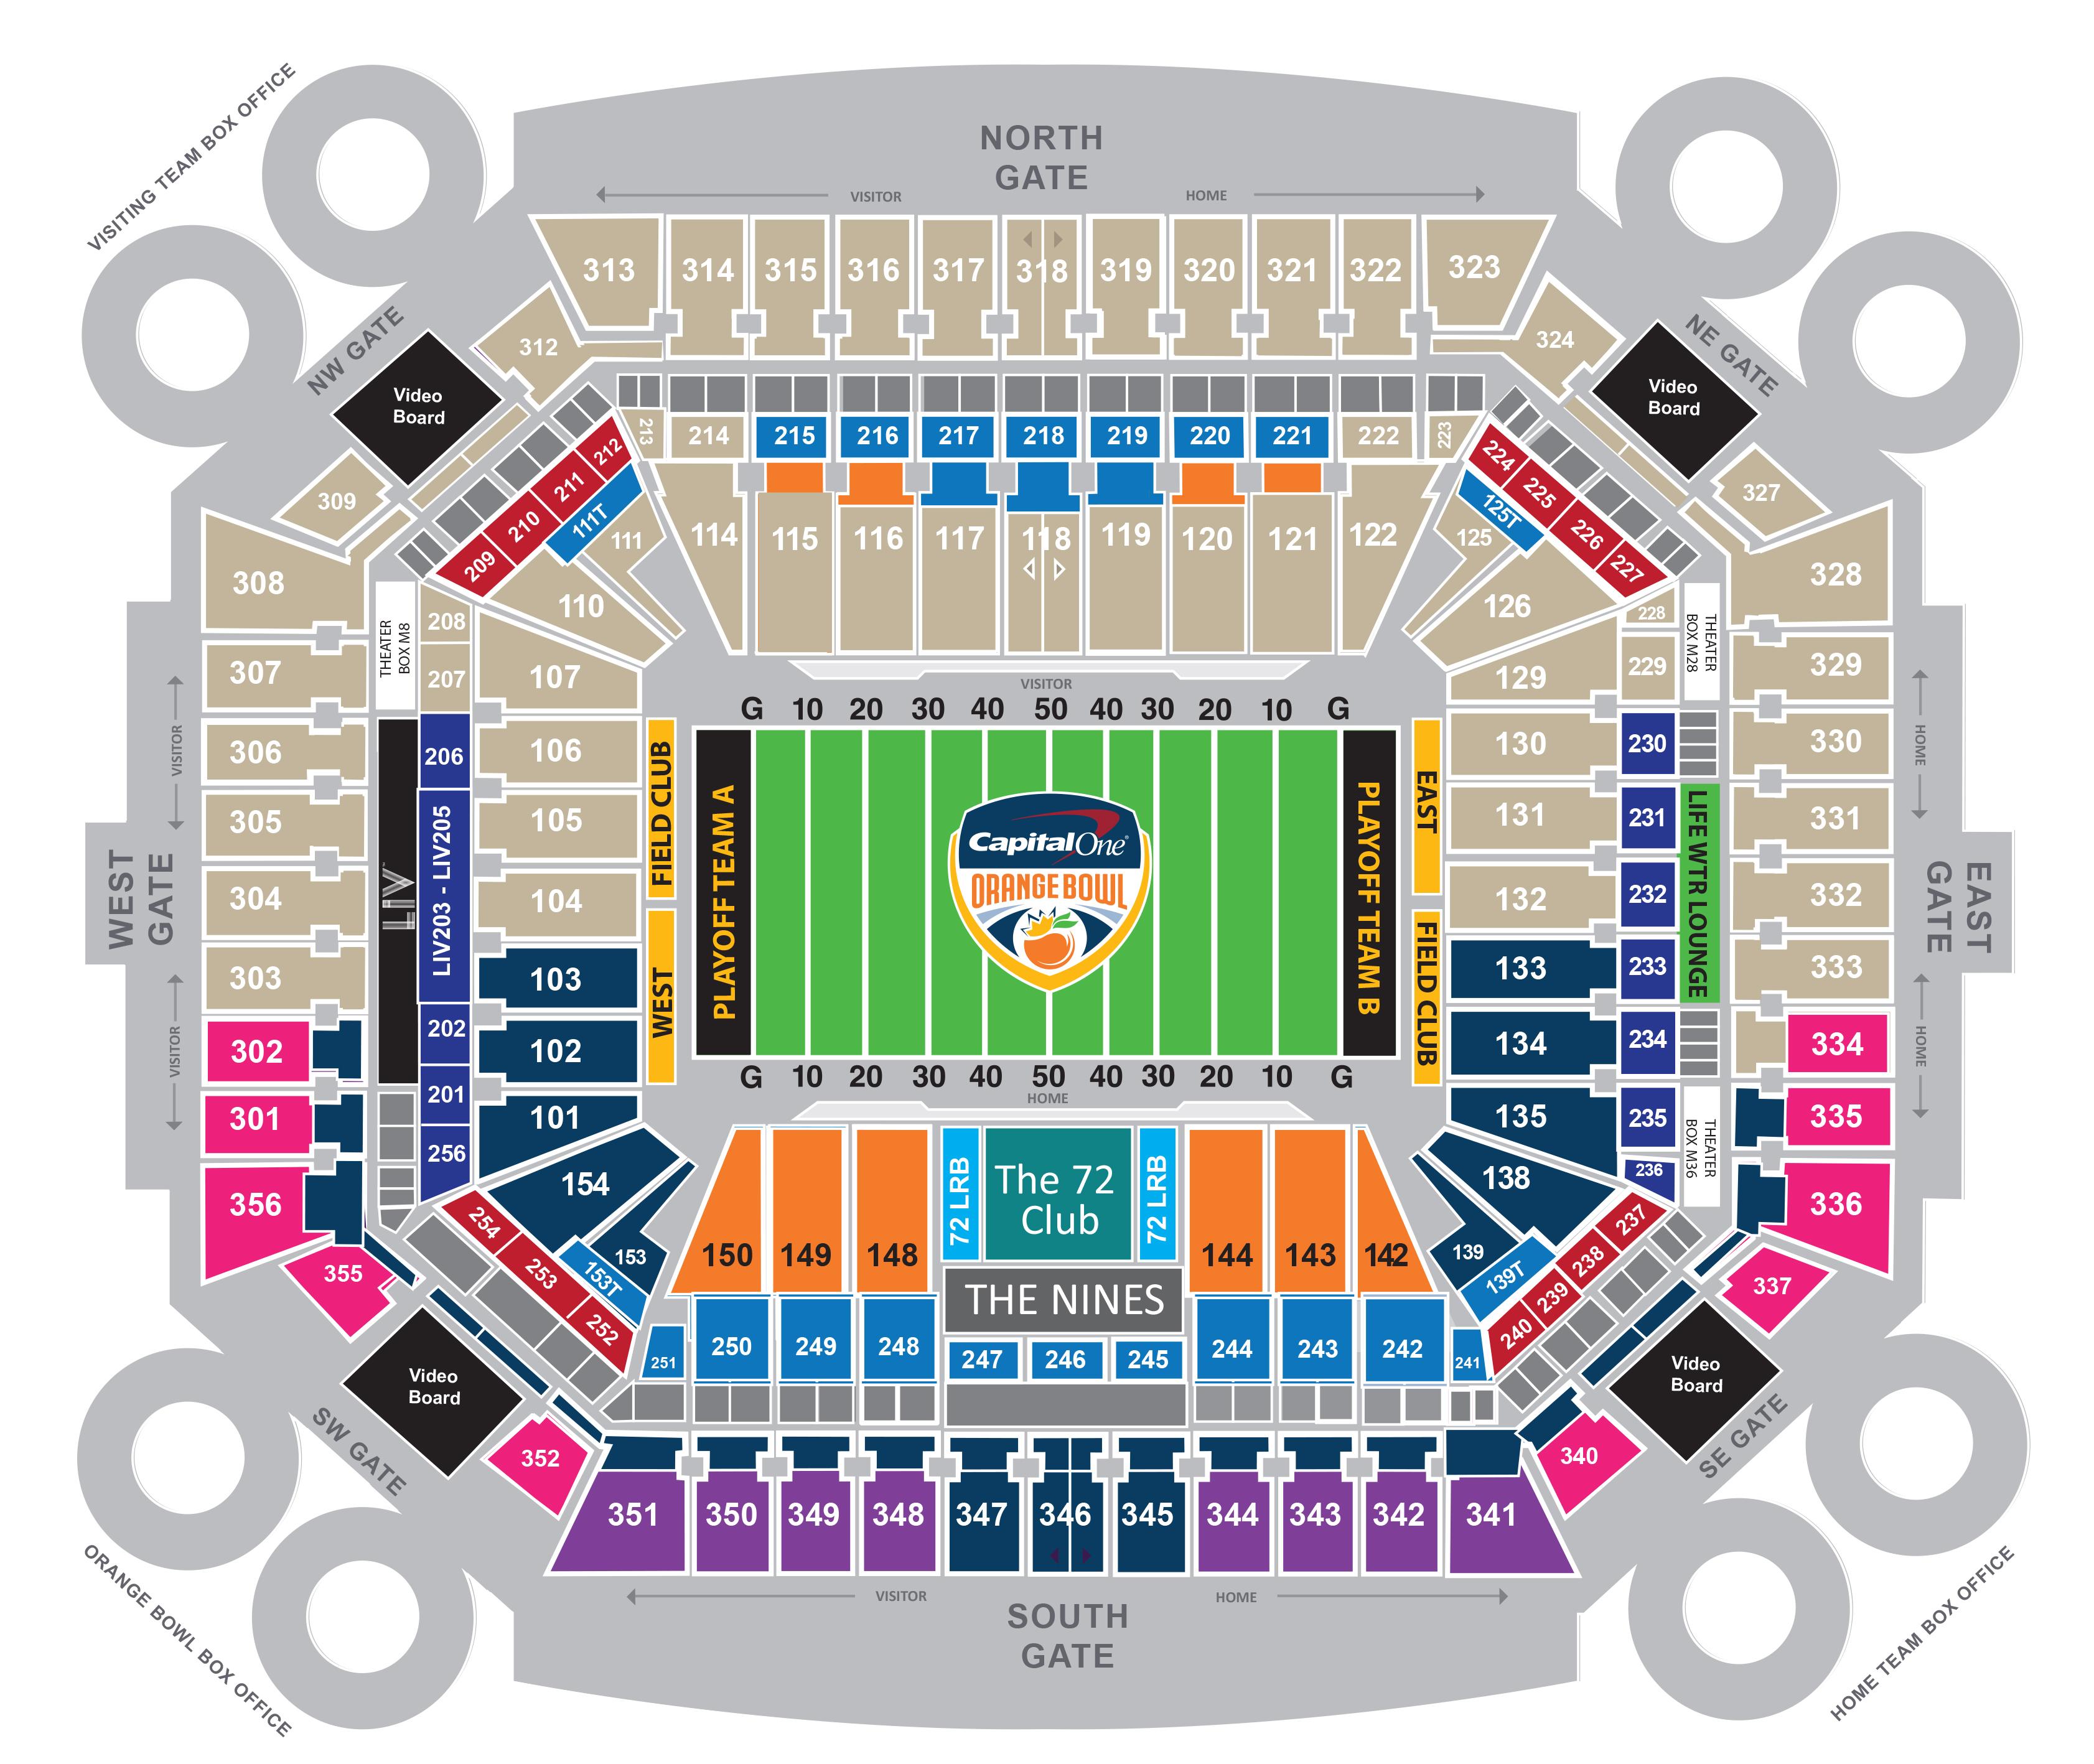 seating map - the game | orange bowl